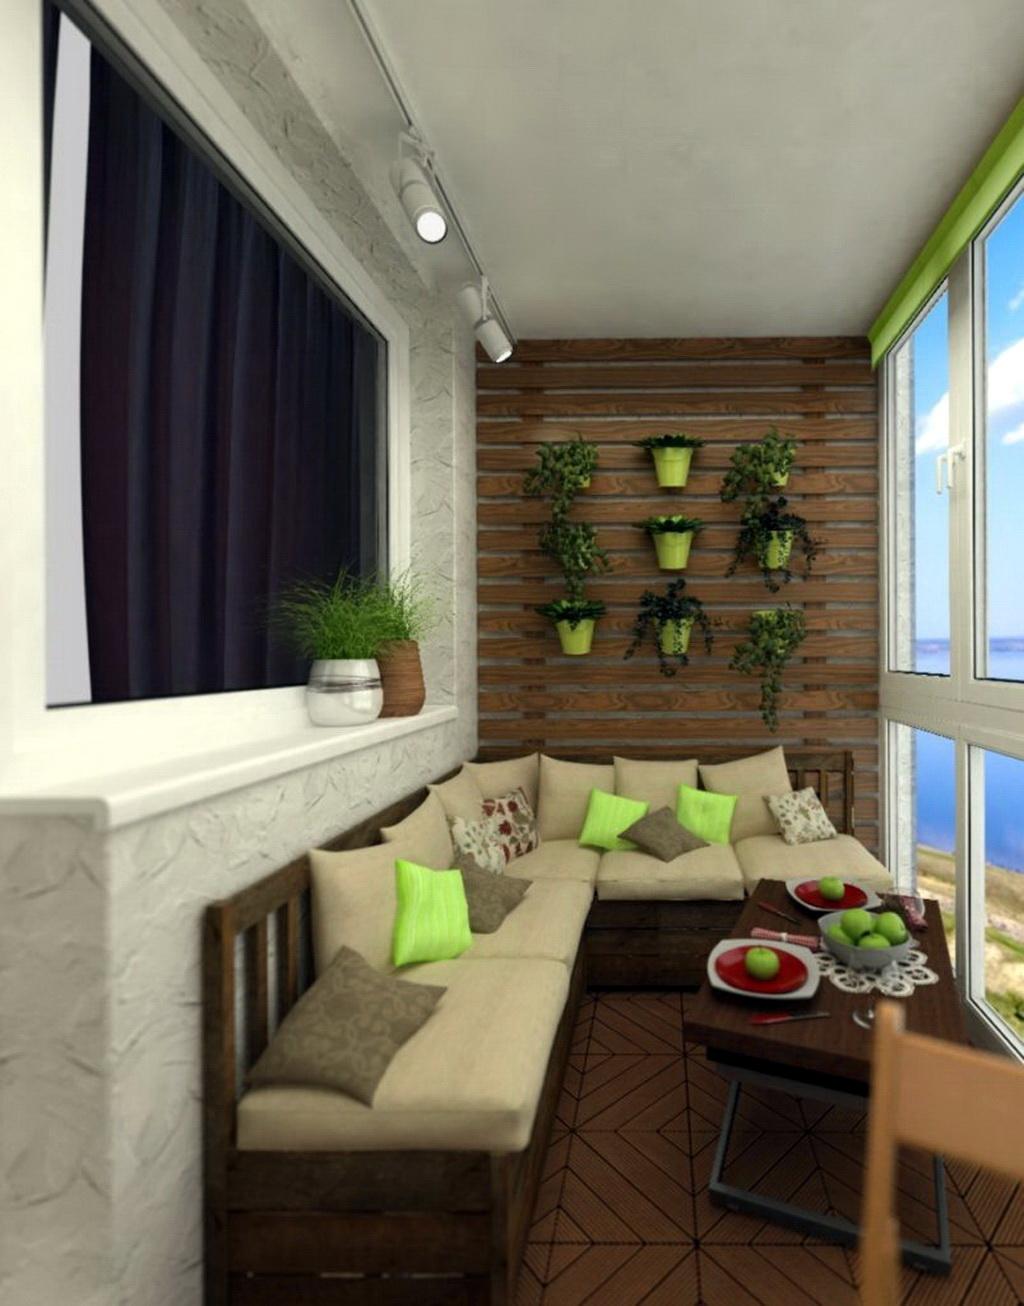 Стильный дизайн балкона и лоджий от студии дизайна интерьеро.